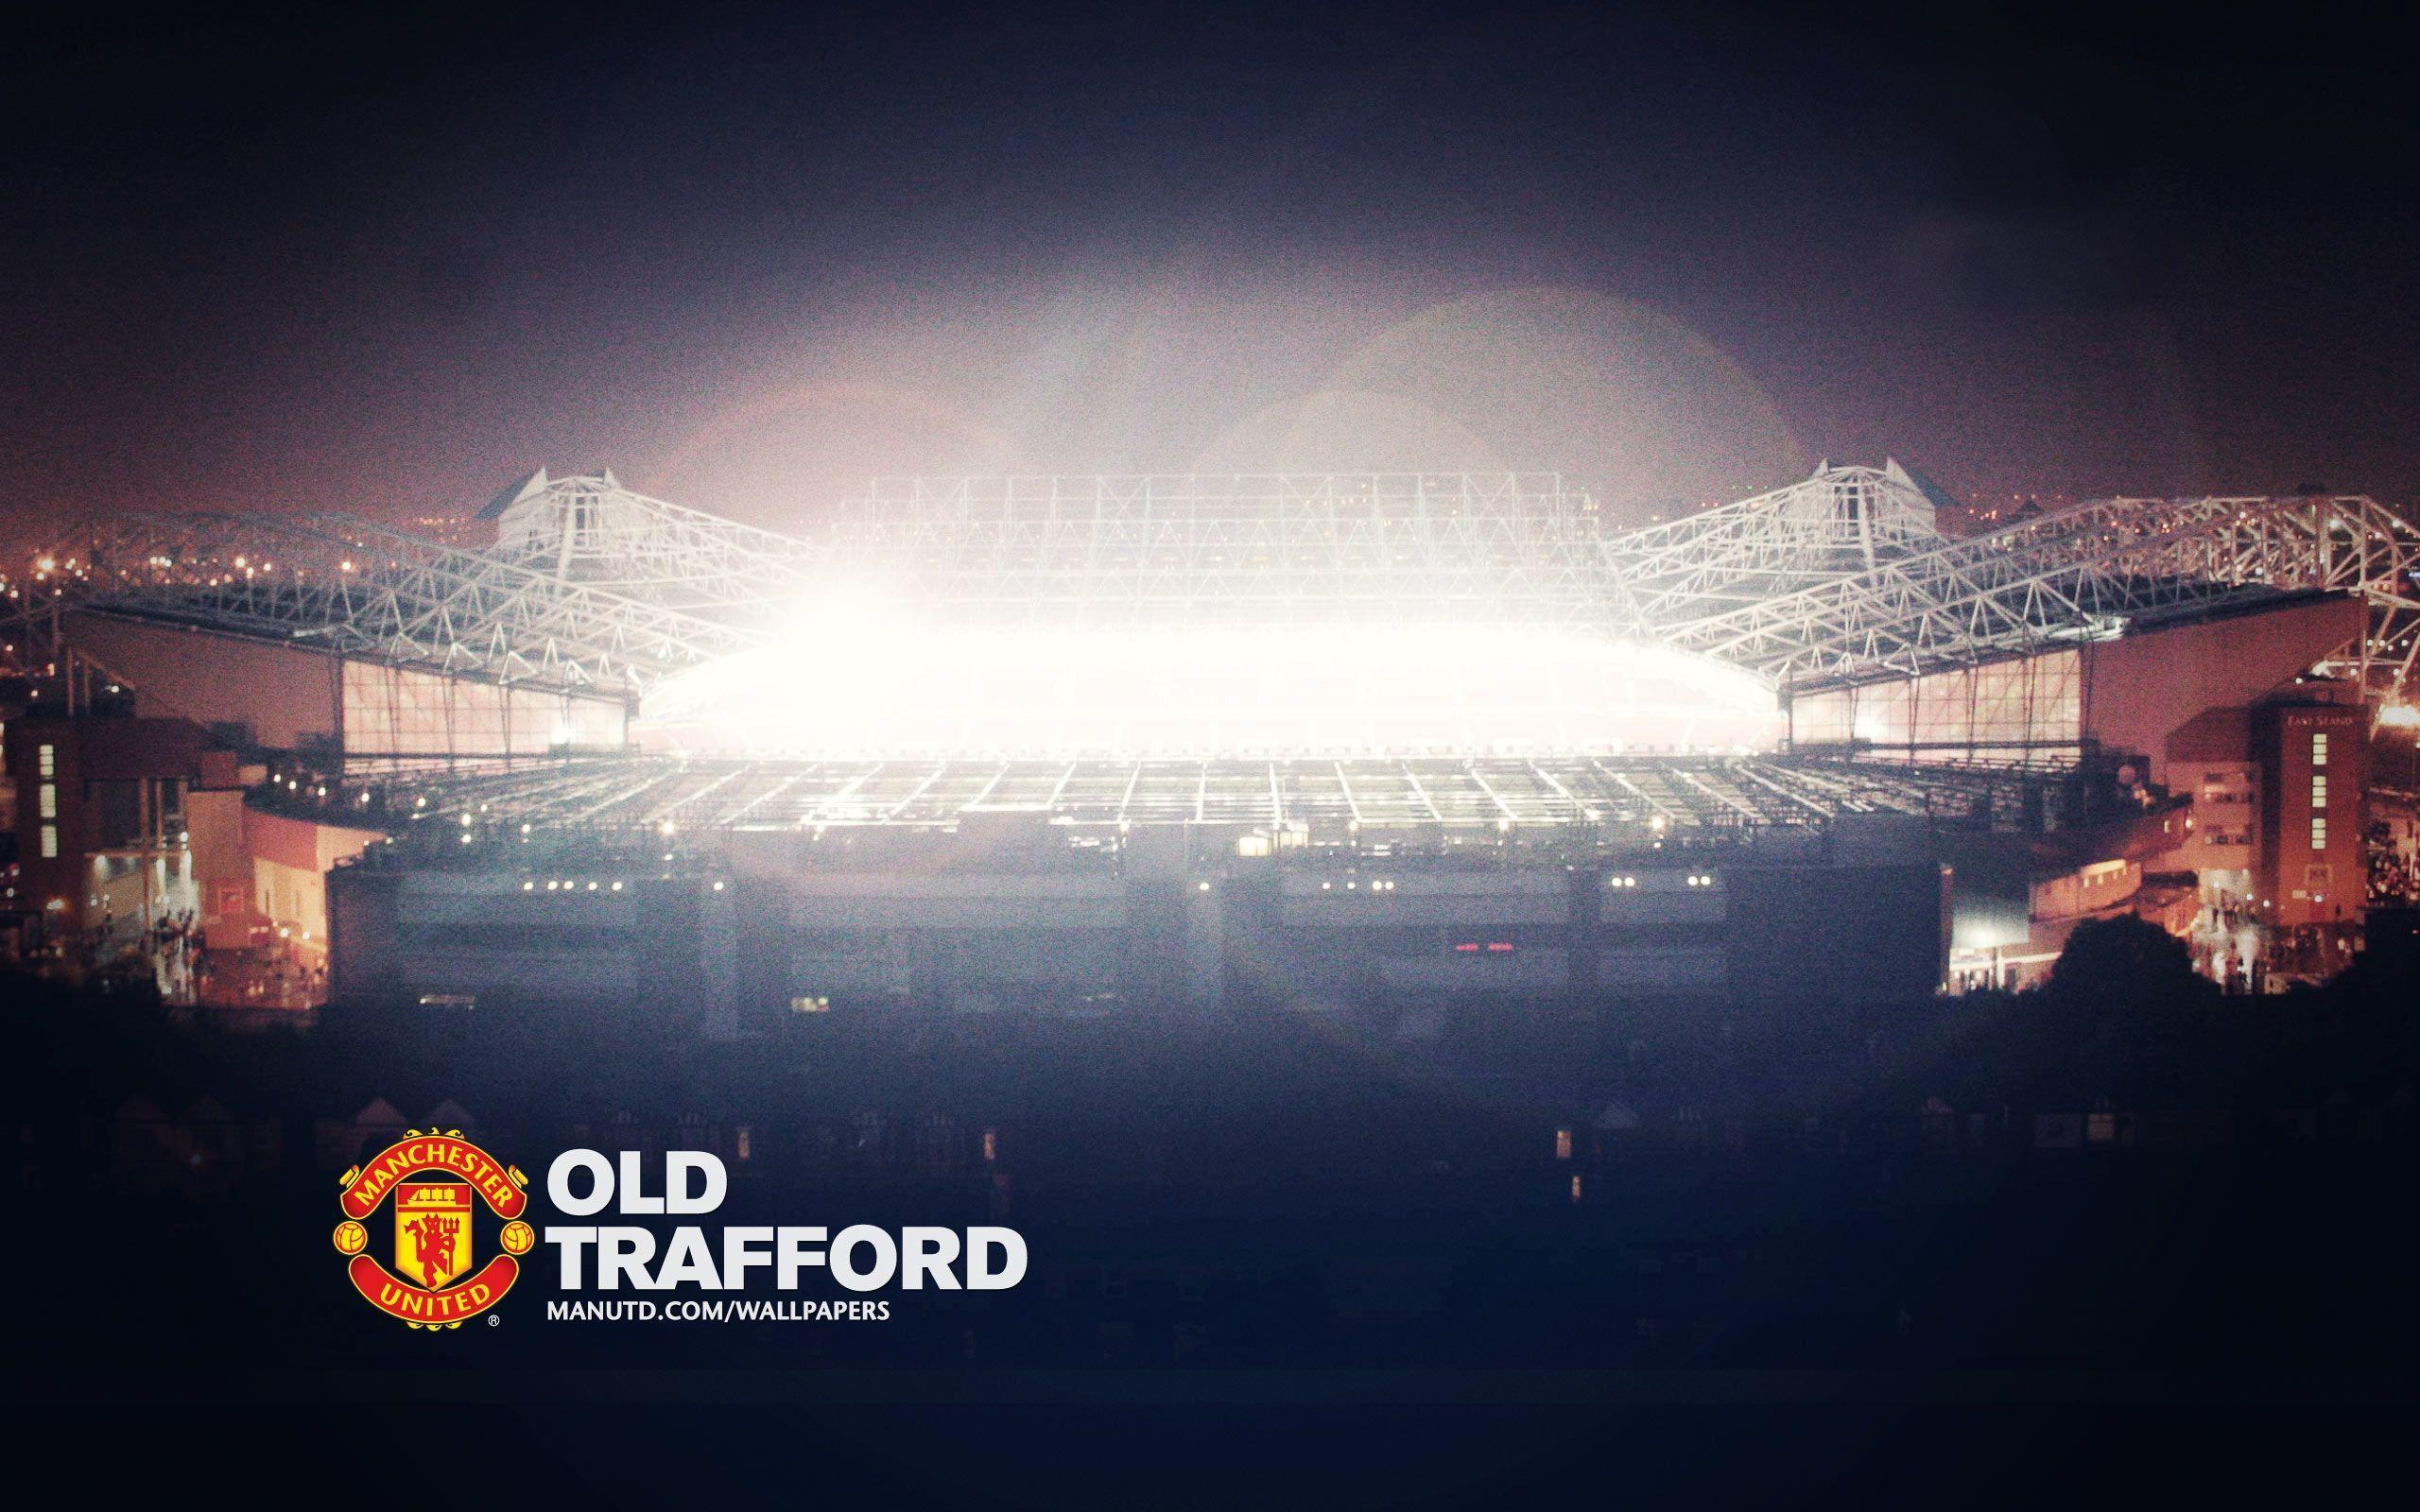 2015 Old Trafford stadium HD Wallpapers - HD 1920x1080p wallpaper ...